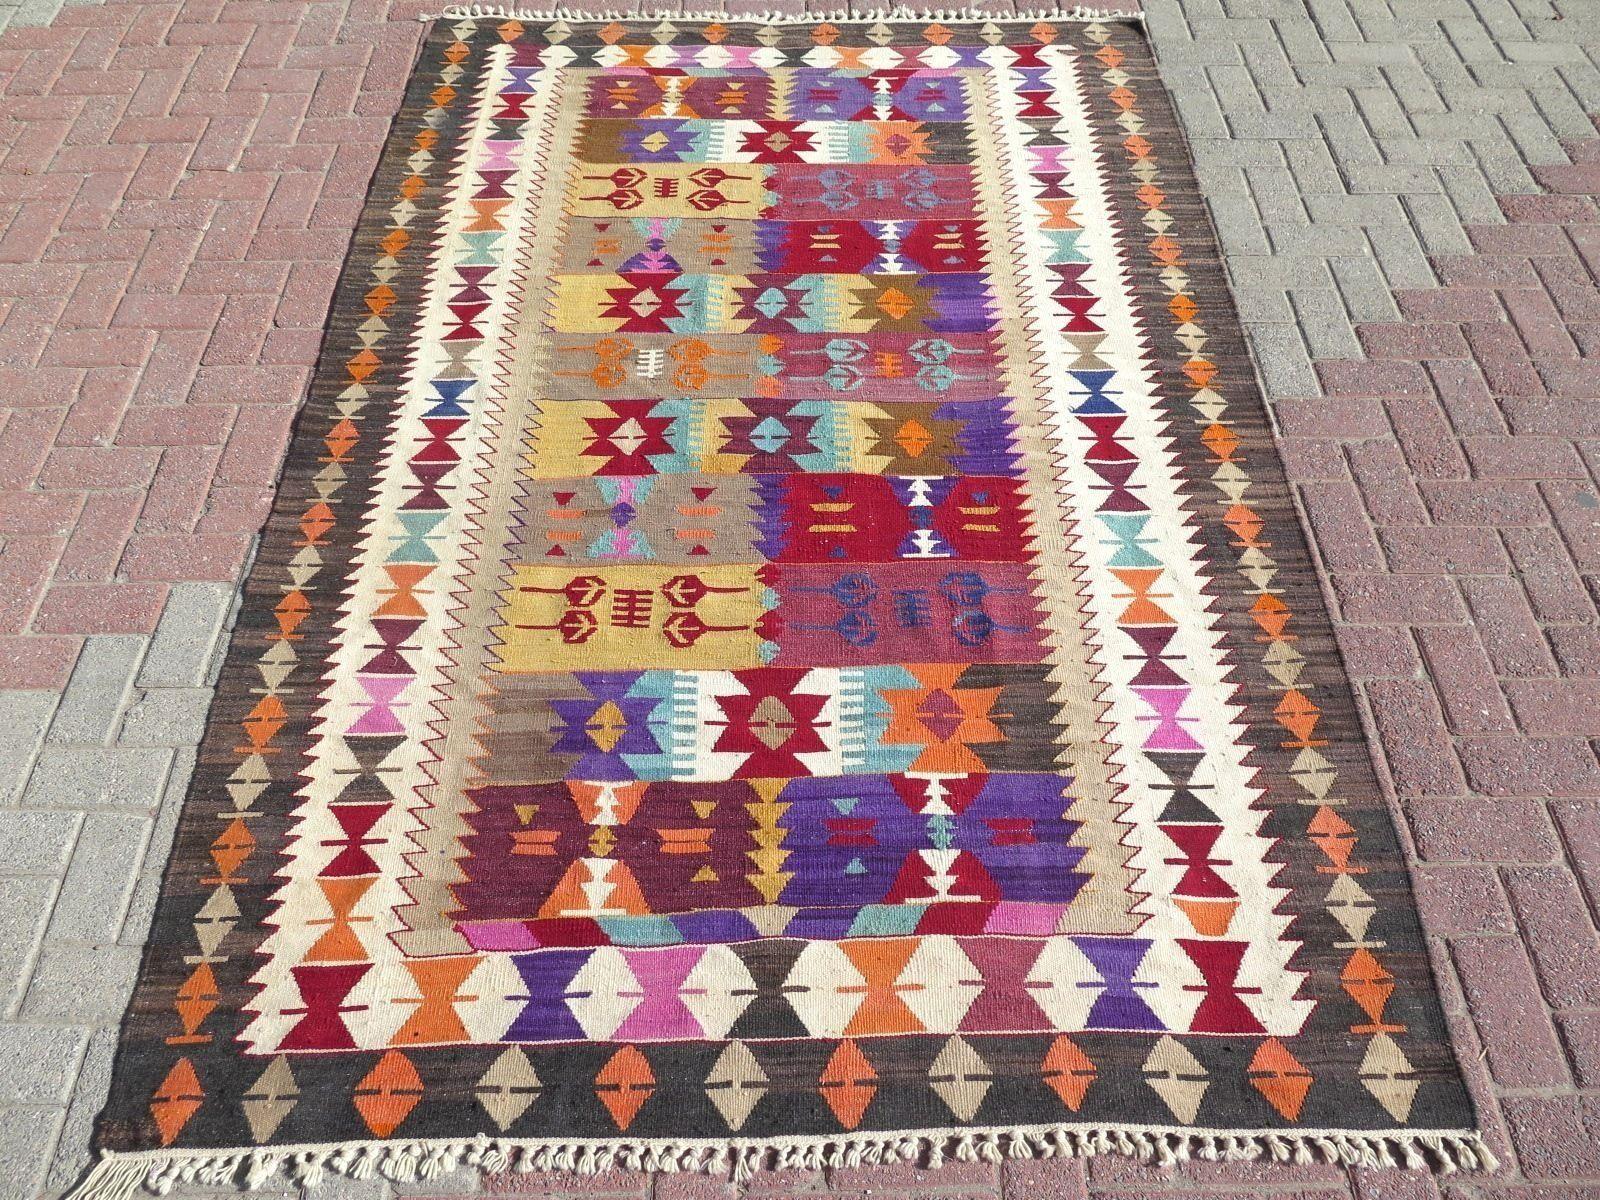 turkish-kilim-area-rug-66x100-asymmetrical-patterns.jpg